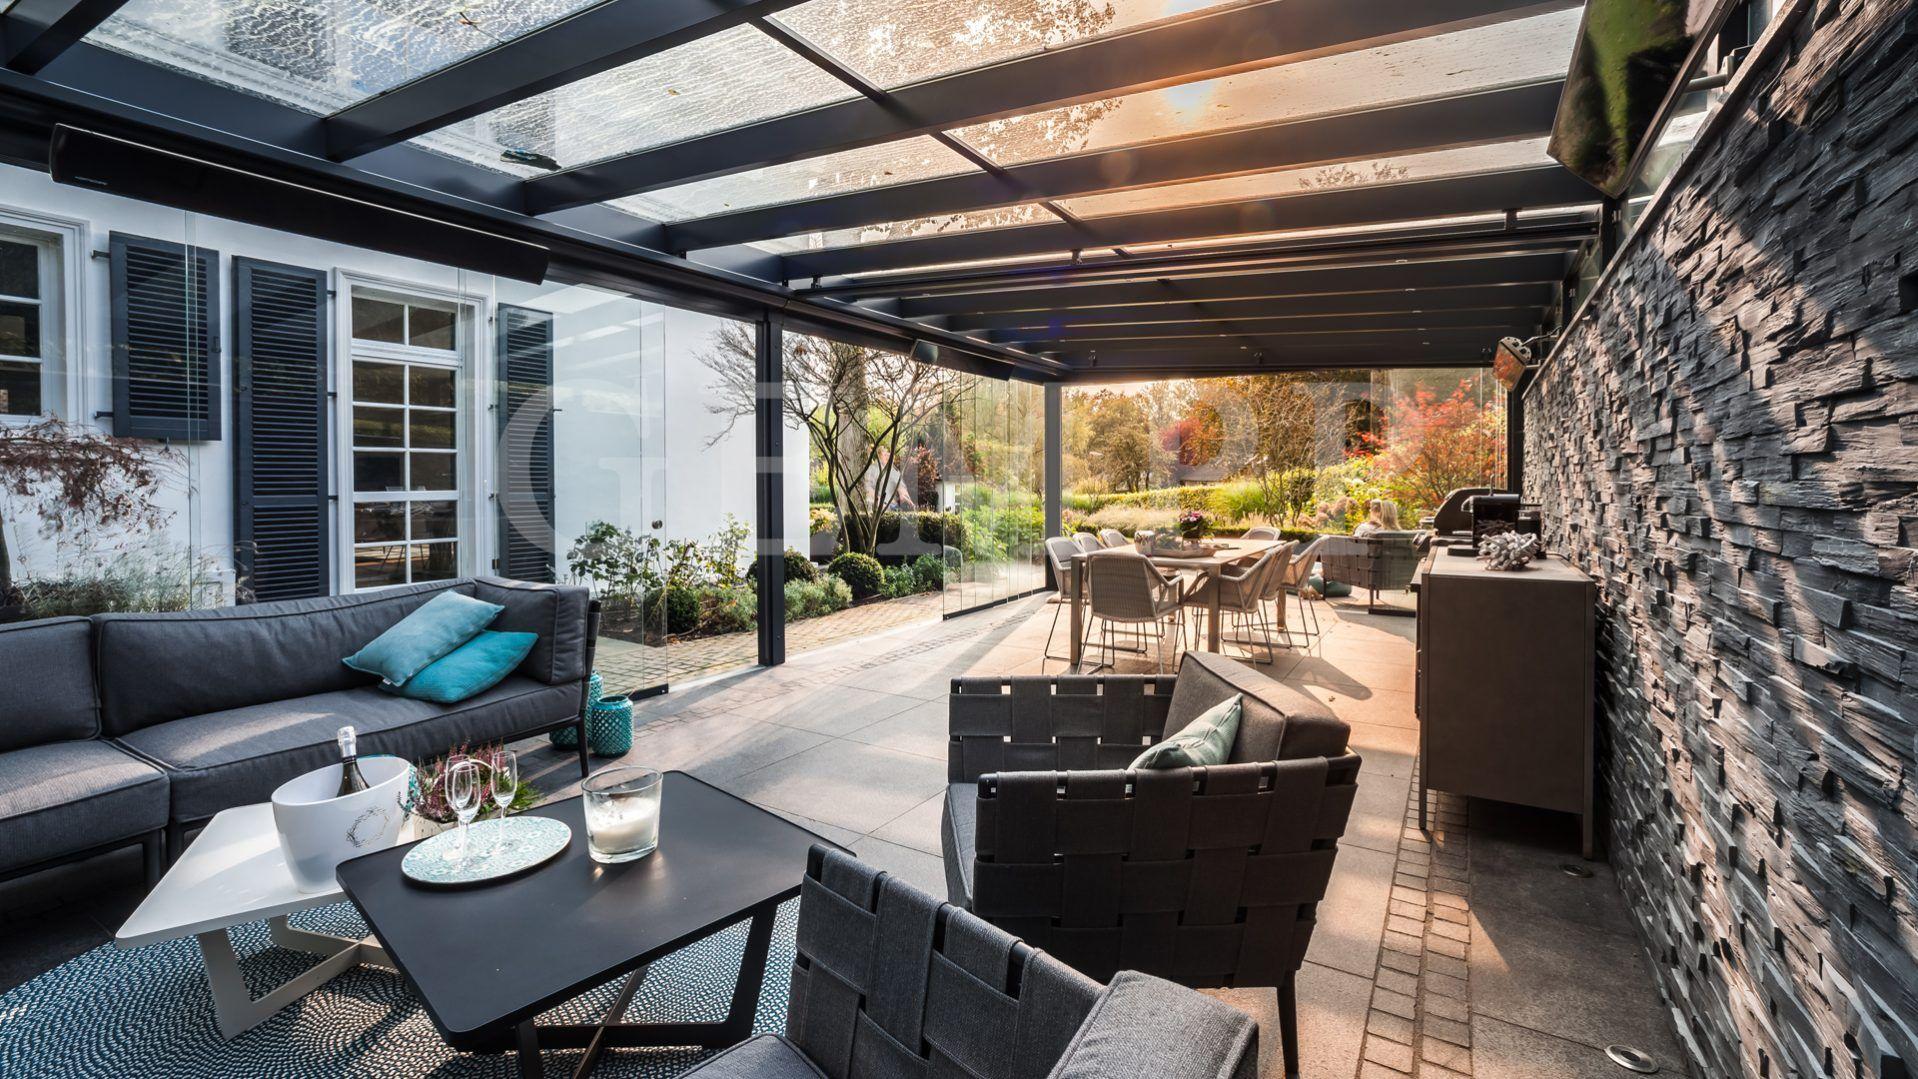 Attirant Moderne Terrassengestaltung Mit Terrassenüberdachung #garten #design  #gartengestaltung #garden #gardening #gardengoals